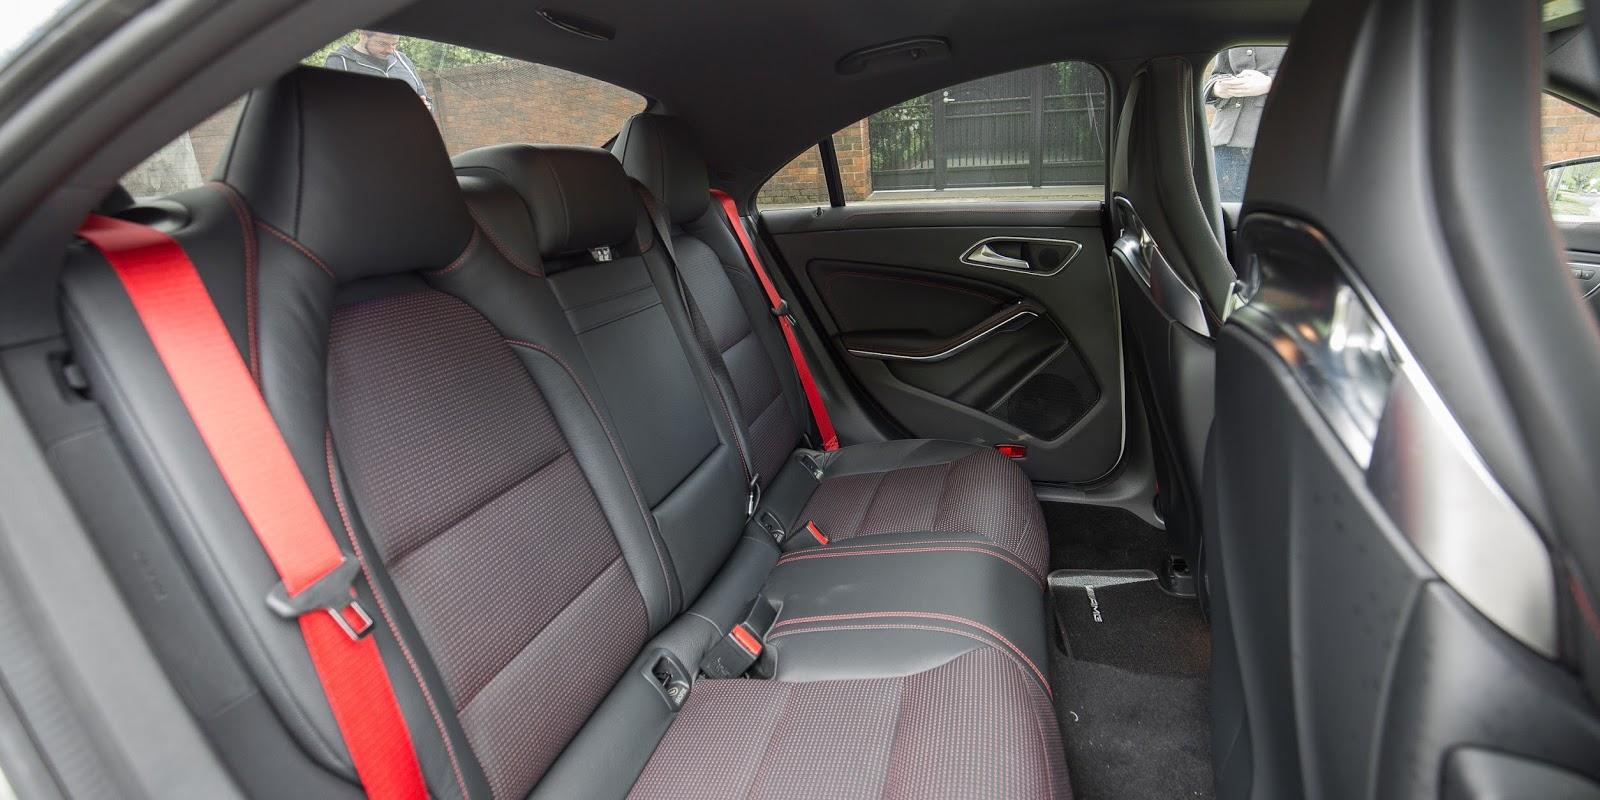 Hàng ghế thứ hai của xe được xem là khá được chứ chưa thoải mái